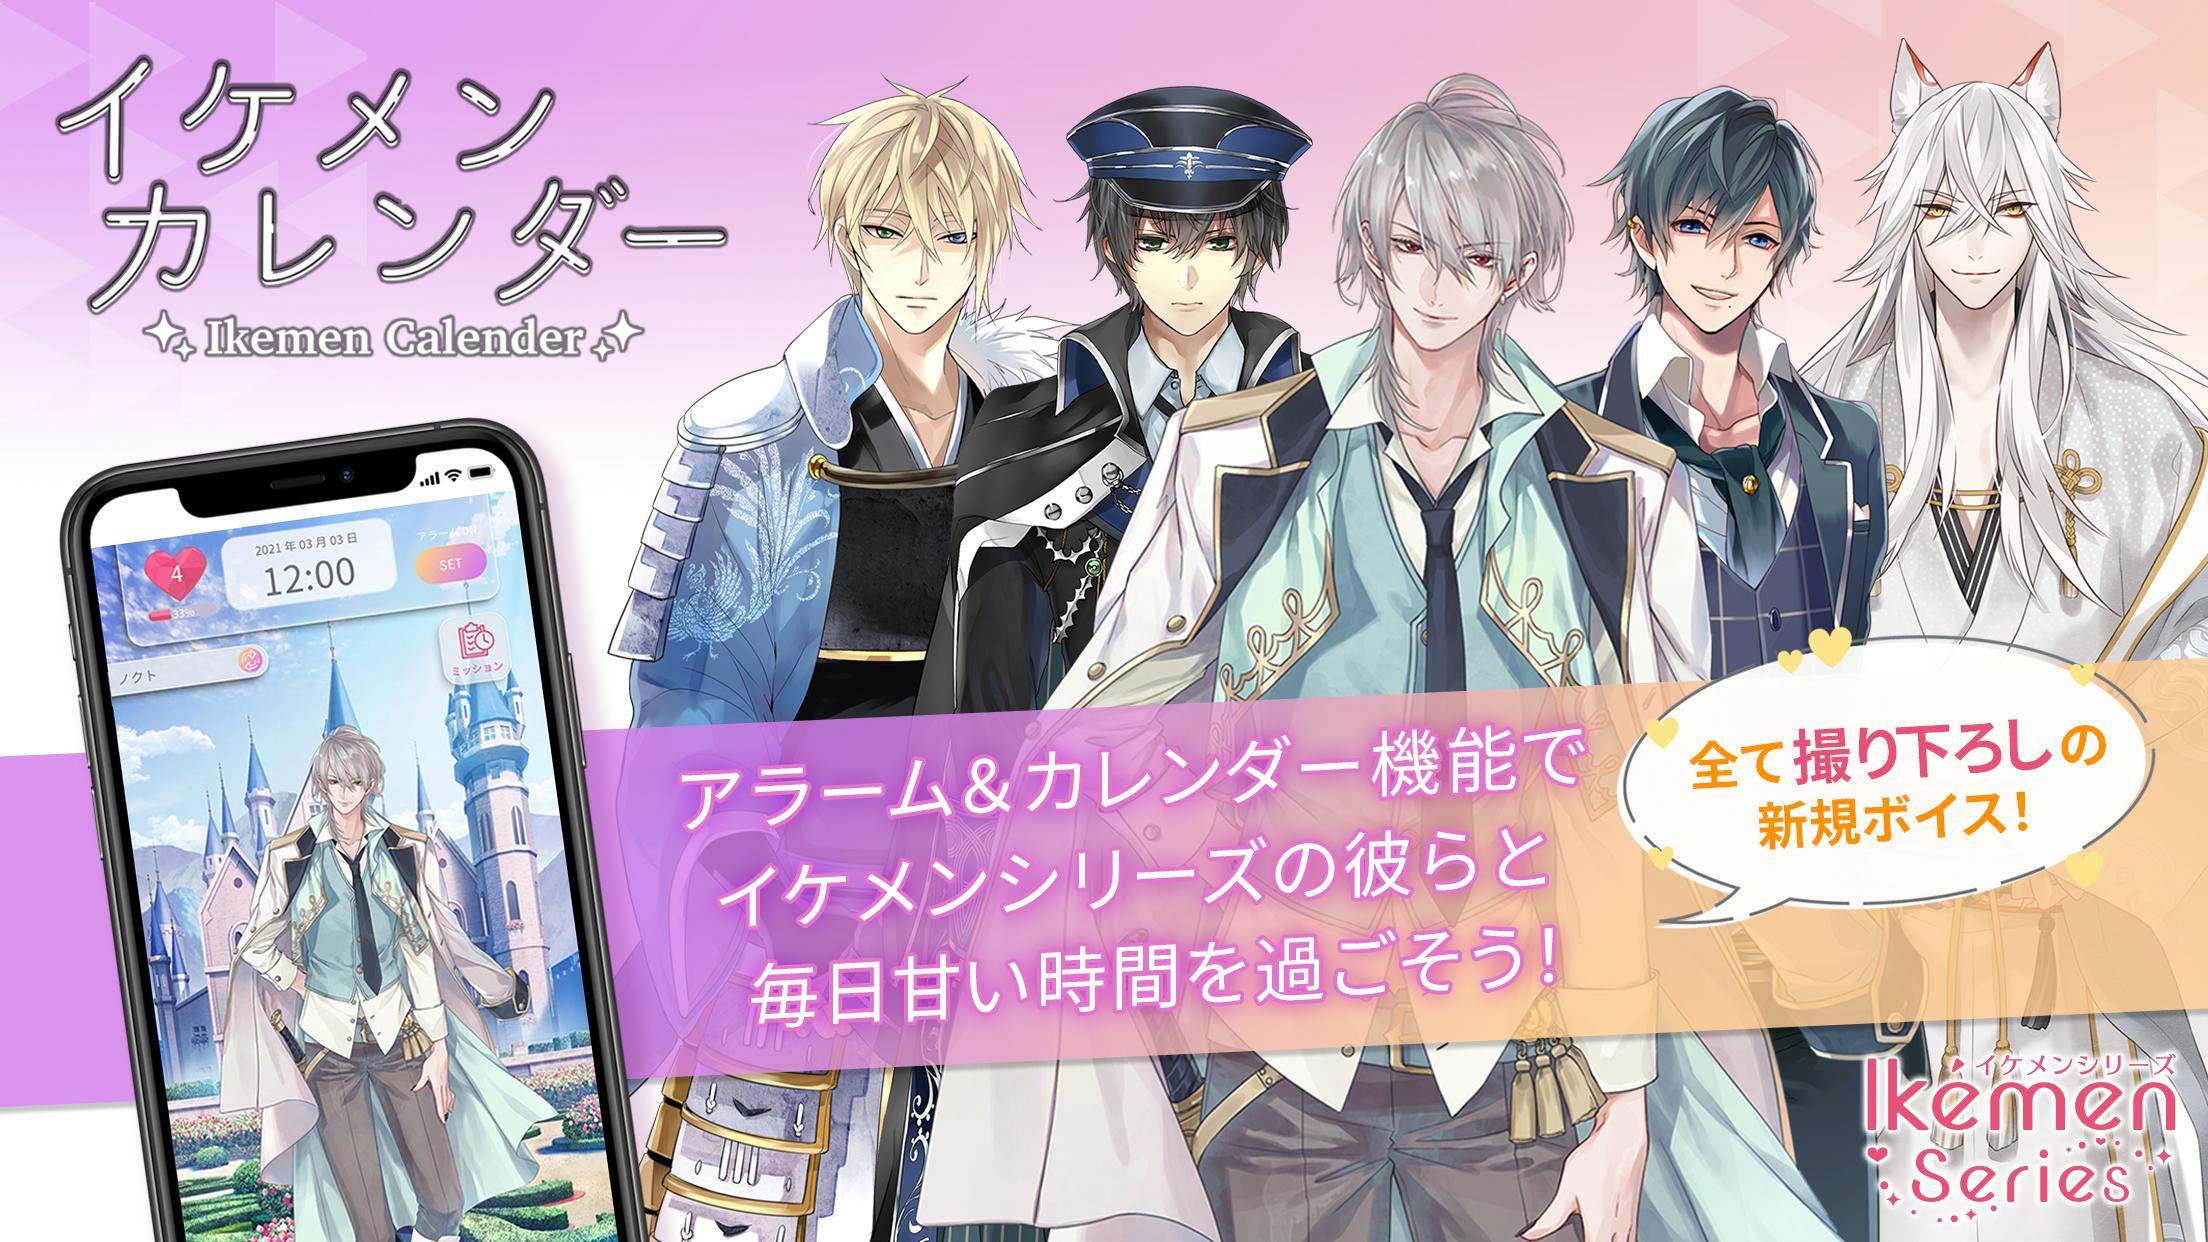 アラーム&カレンダーアプリ「イケメンカレンダー」配信開始!